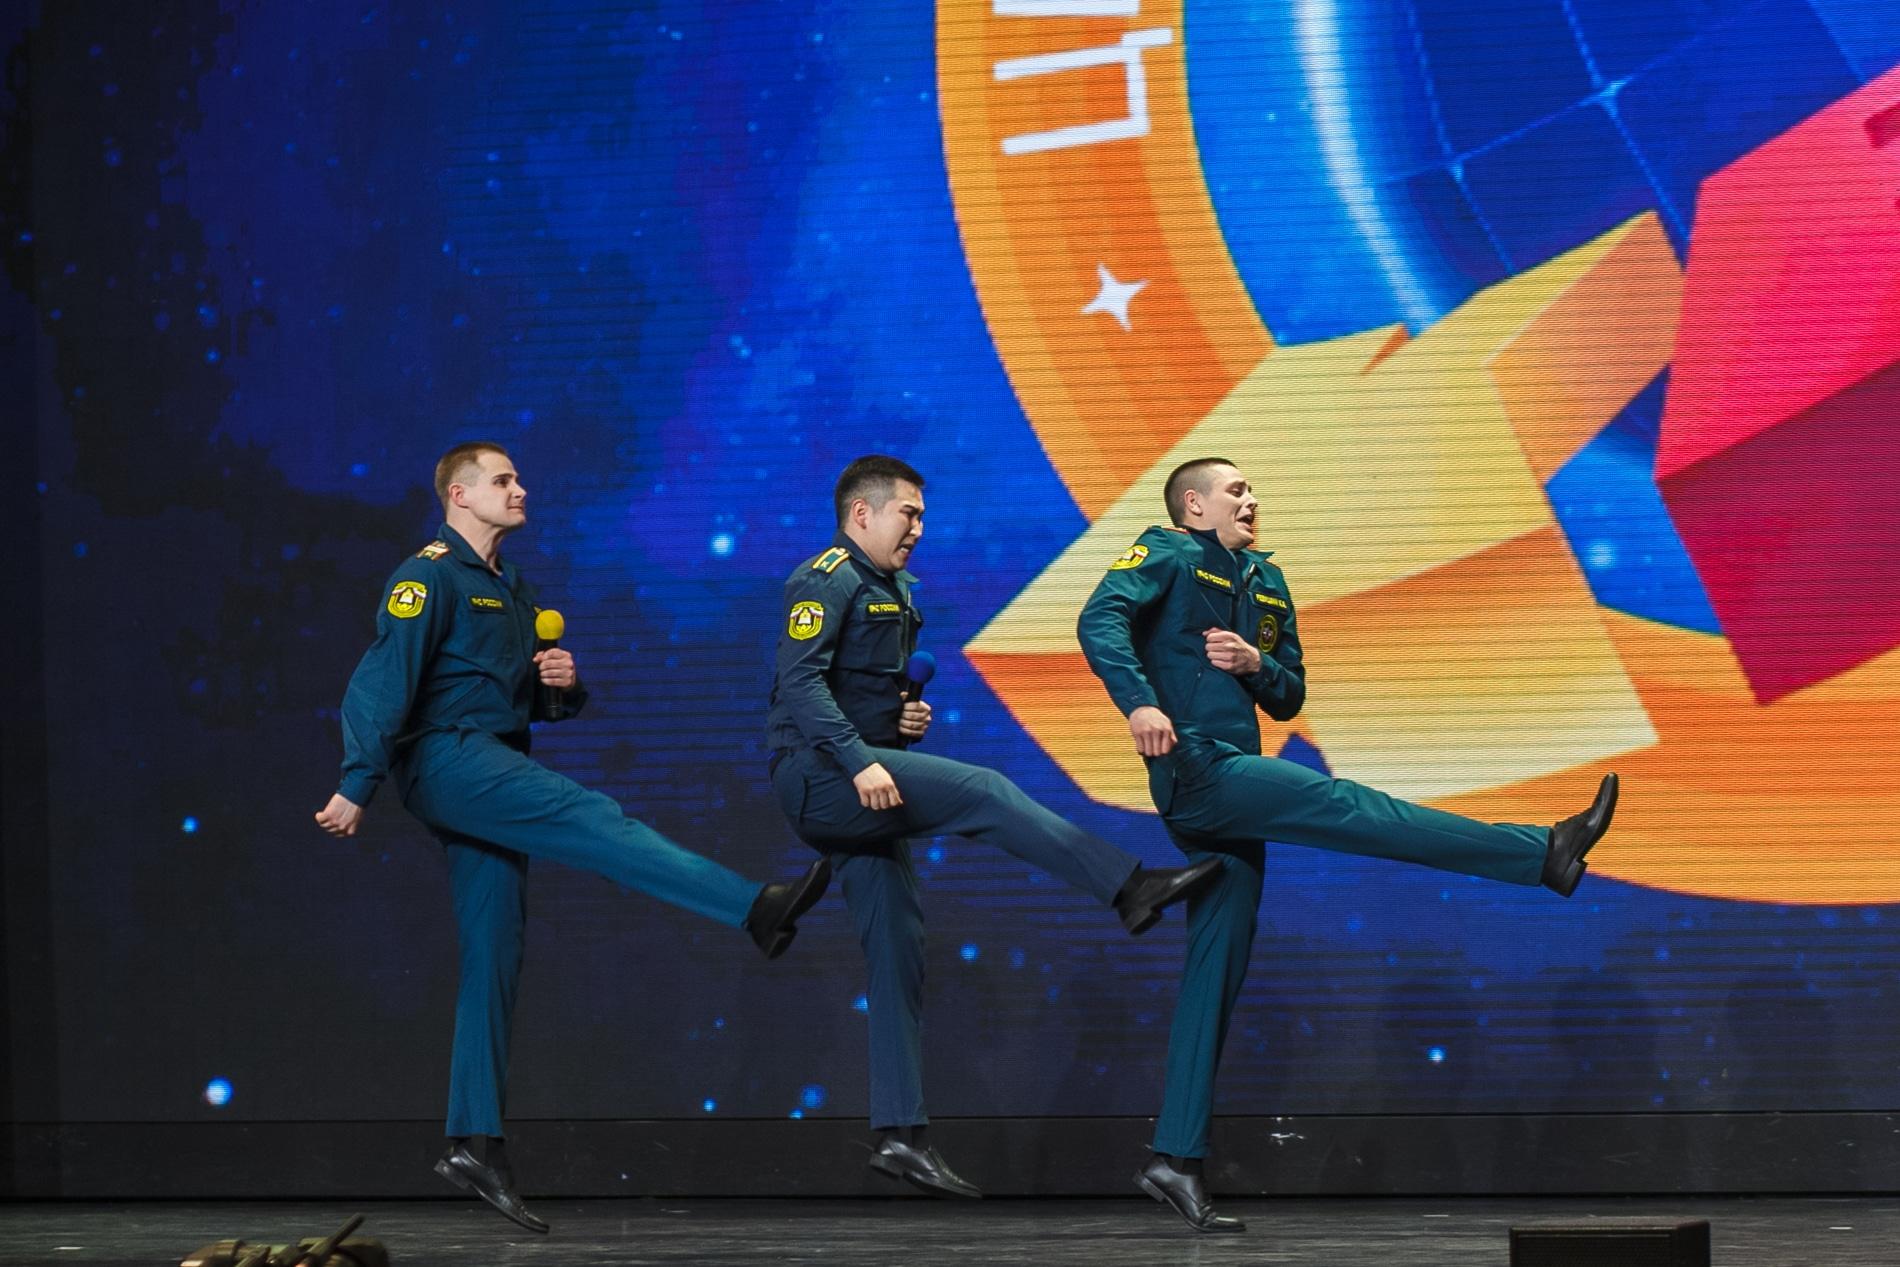 Четвертьфинал «Азии» 26, 28 и 29 апреляКрасноярск превратится в эпицентр юмора